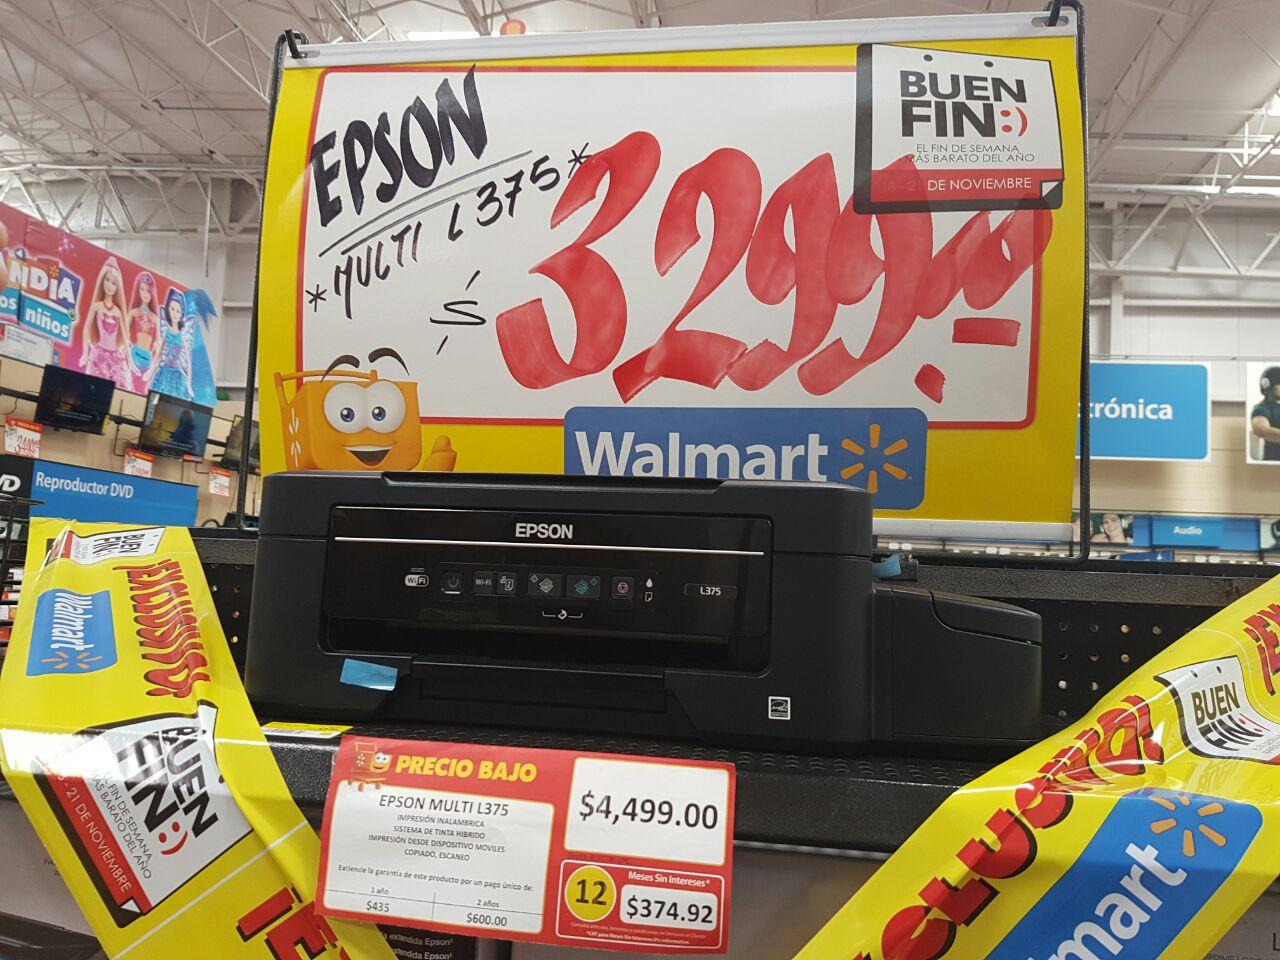 Walmart Coatzacoalcos: Epson L375 en promocion por el buen fin